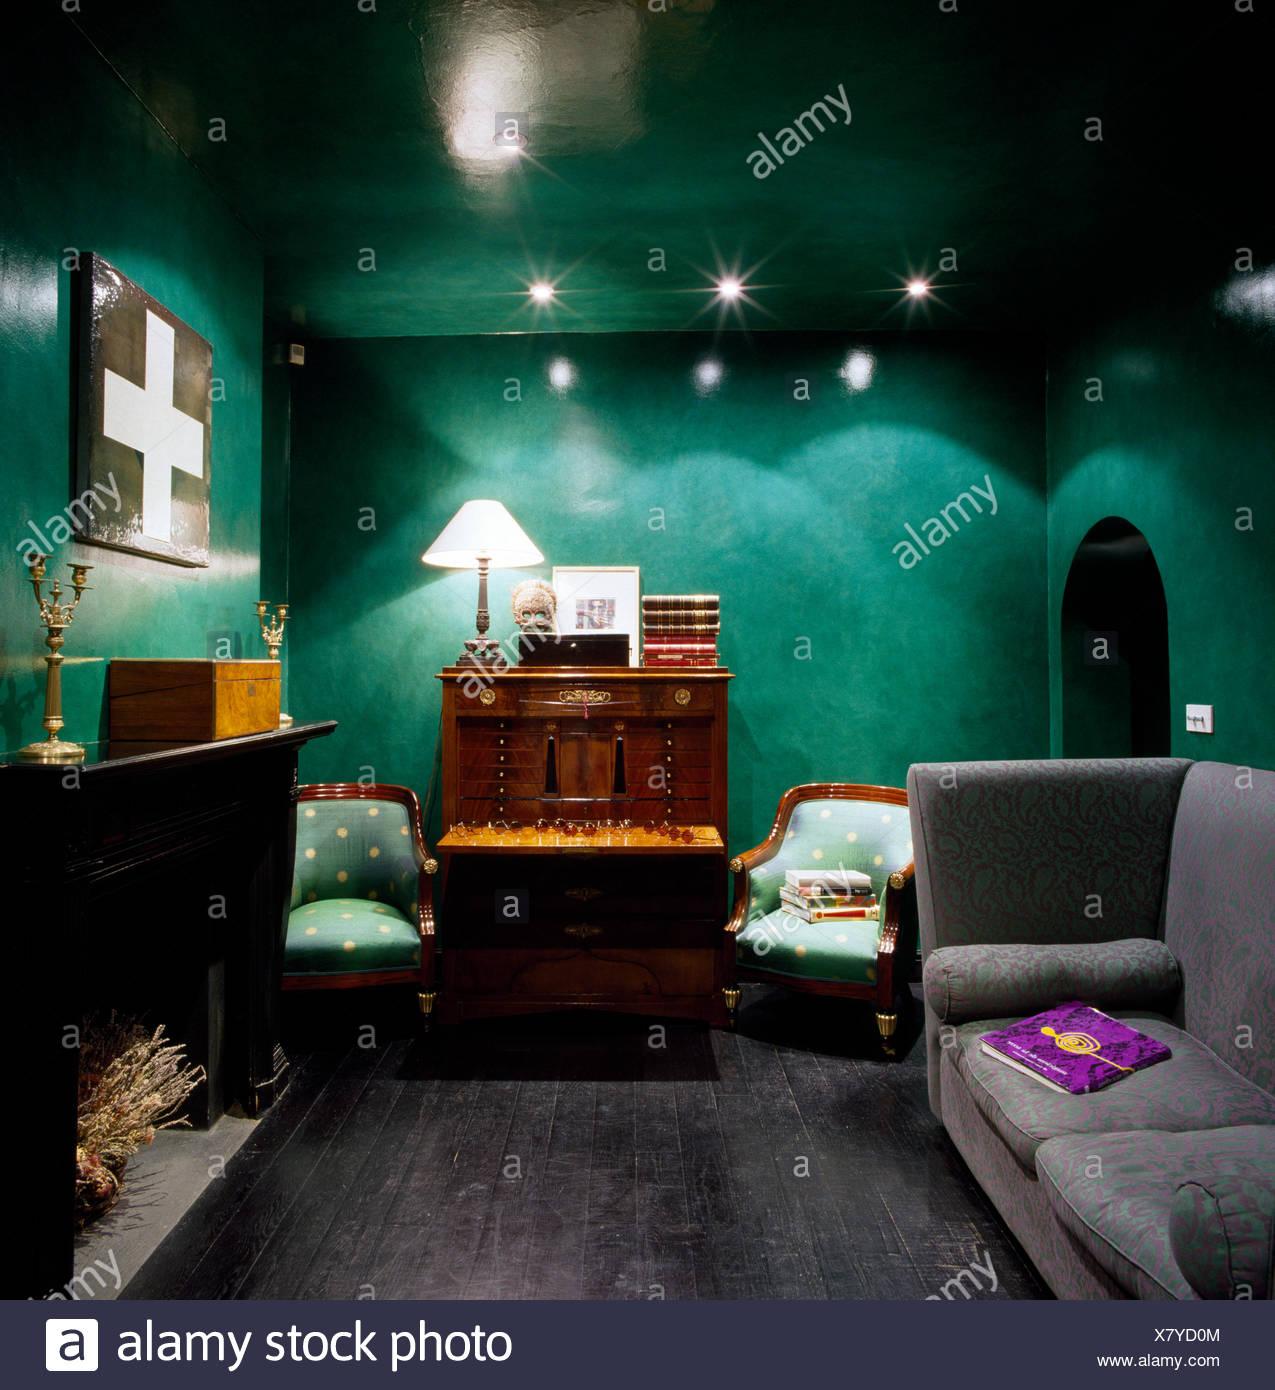 Grauen Sofa Und Antiken Schrank Im Grunen Wohnzimmer Mit Lackierten